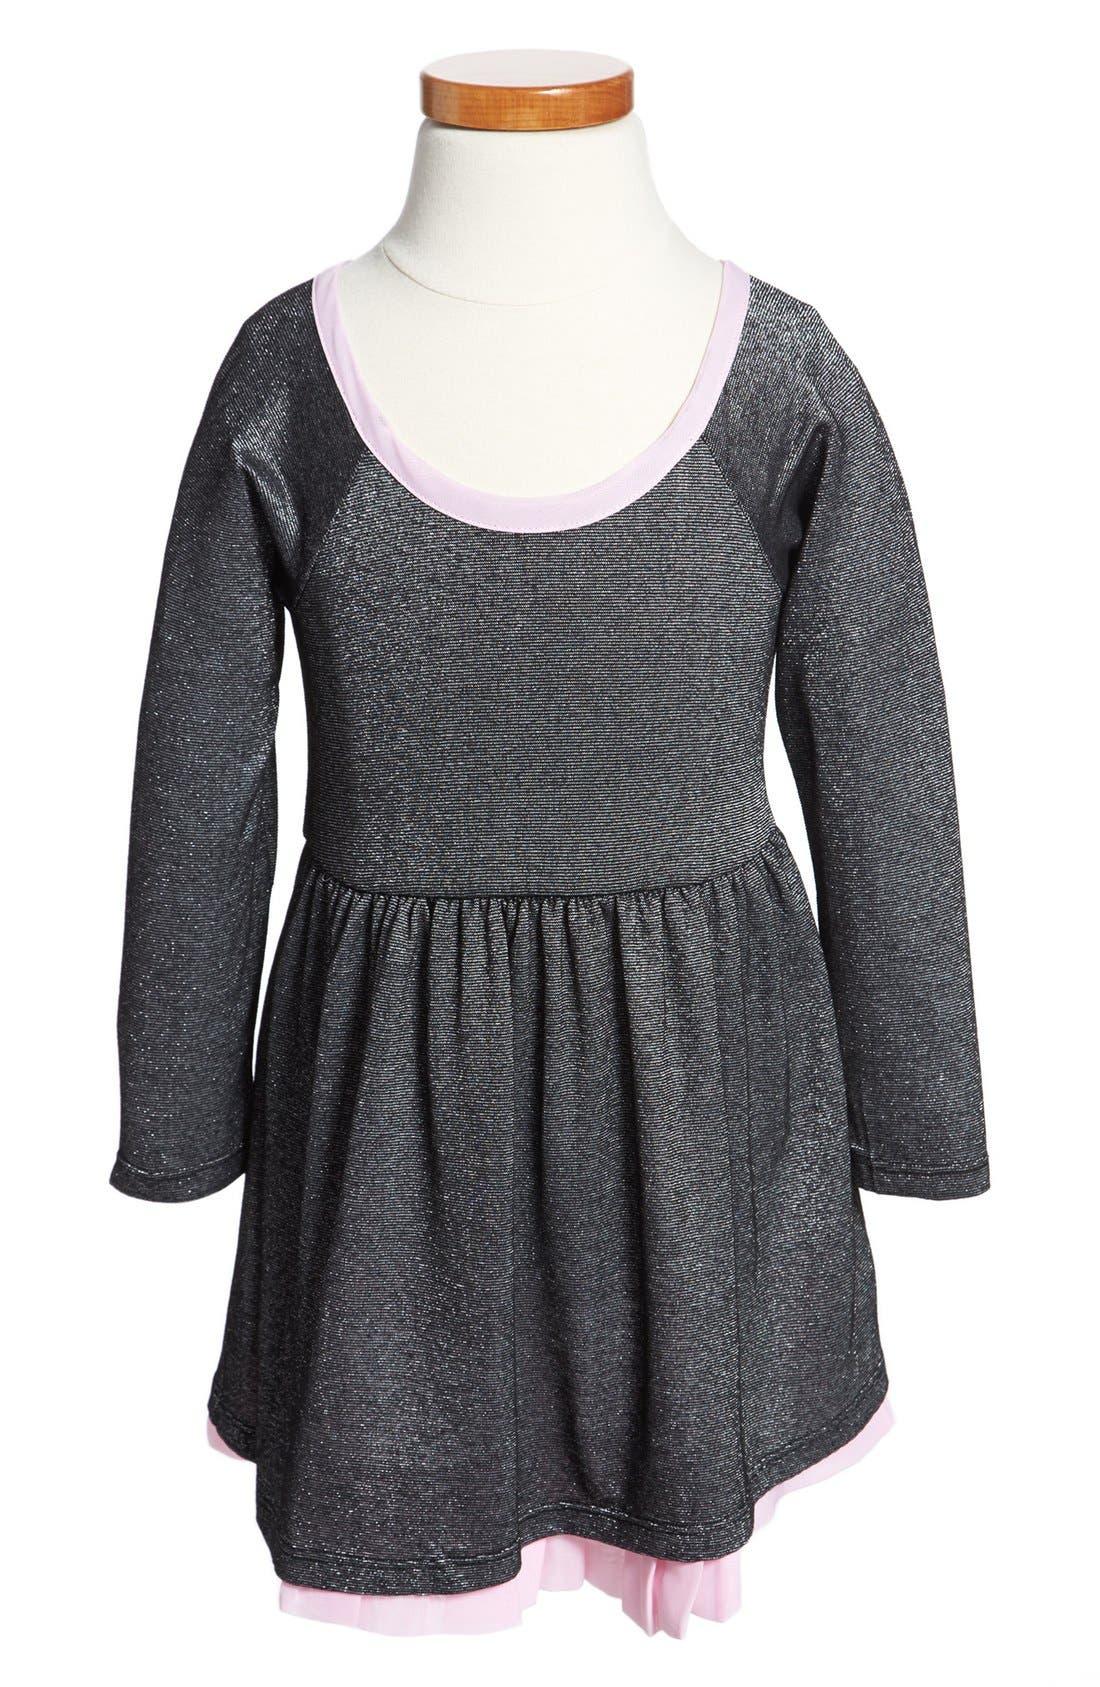 Alternate Image 1 Selected - Splendid Ballerina Dress (Toddler Girls)